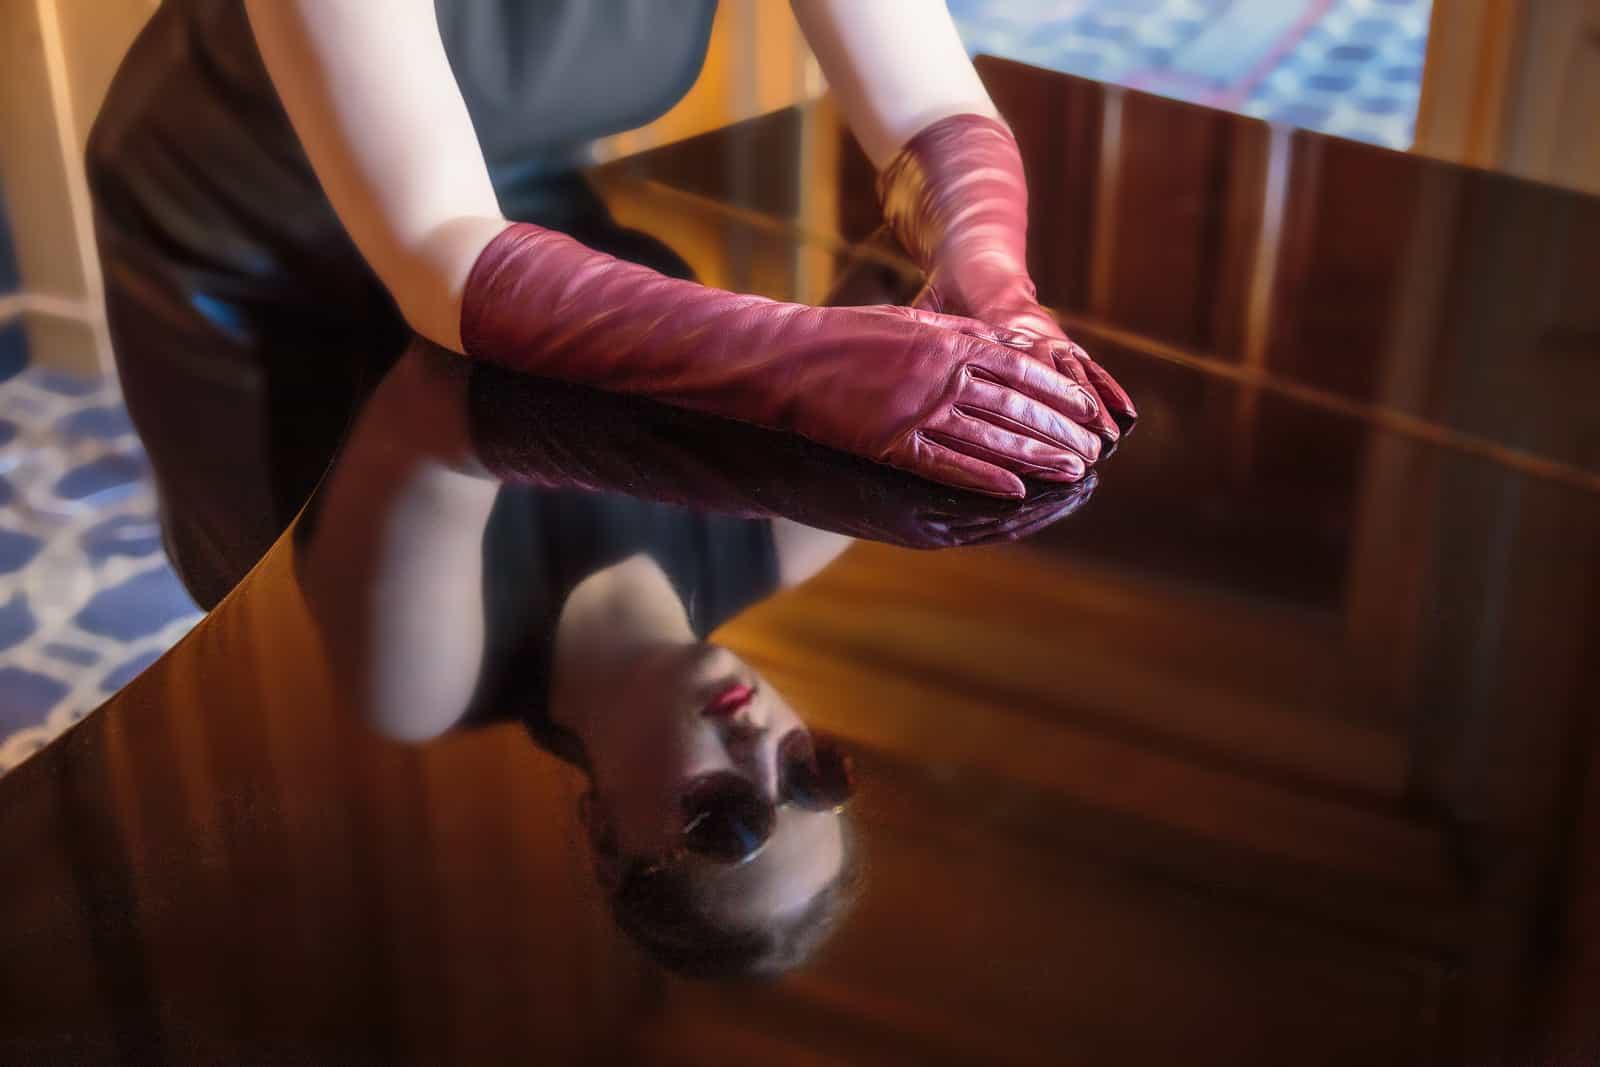 beau-gant-gloves-8-inch-long-dark-red-fashion